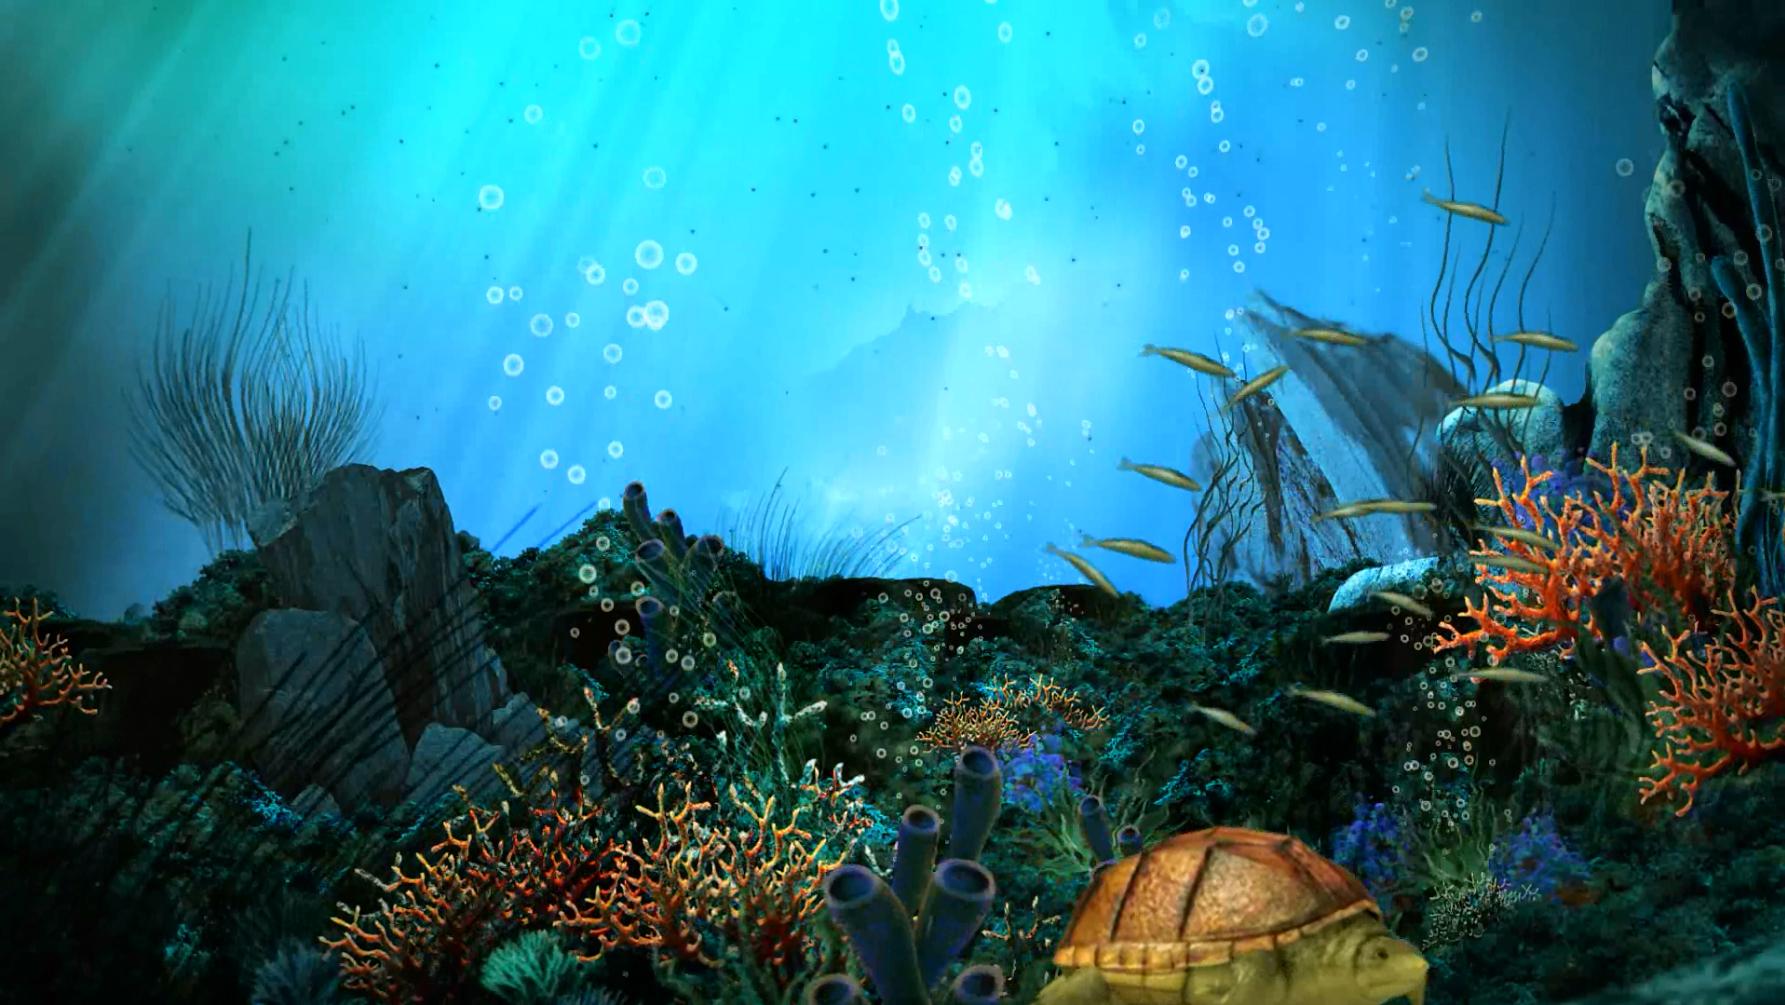 Прикольные человек, картинка на рабочий стол аквариум анимация